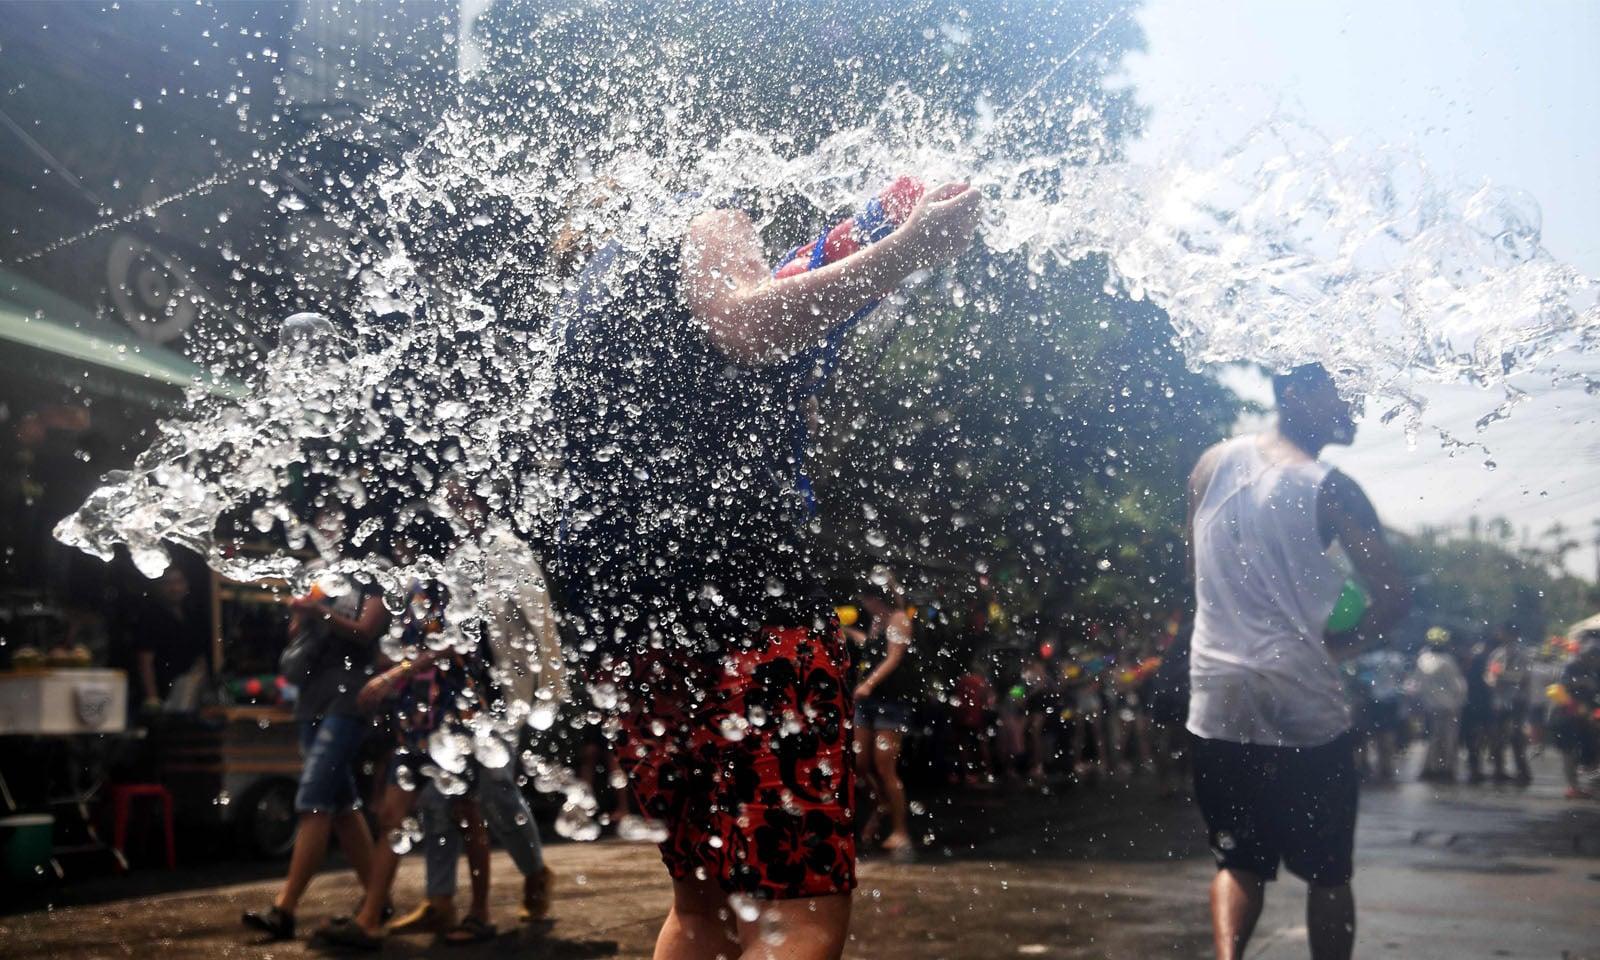 ایک دوسرے پر پانی پھینکنے سے کوئی ناراض نہیں ہوتا—فوٹو: اے ایف پی